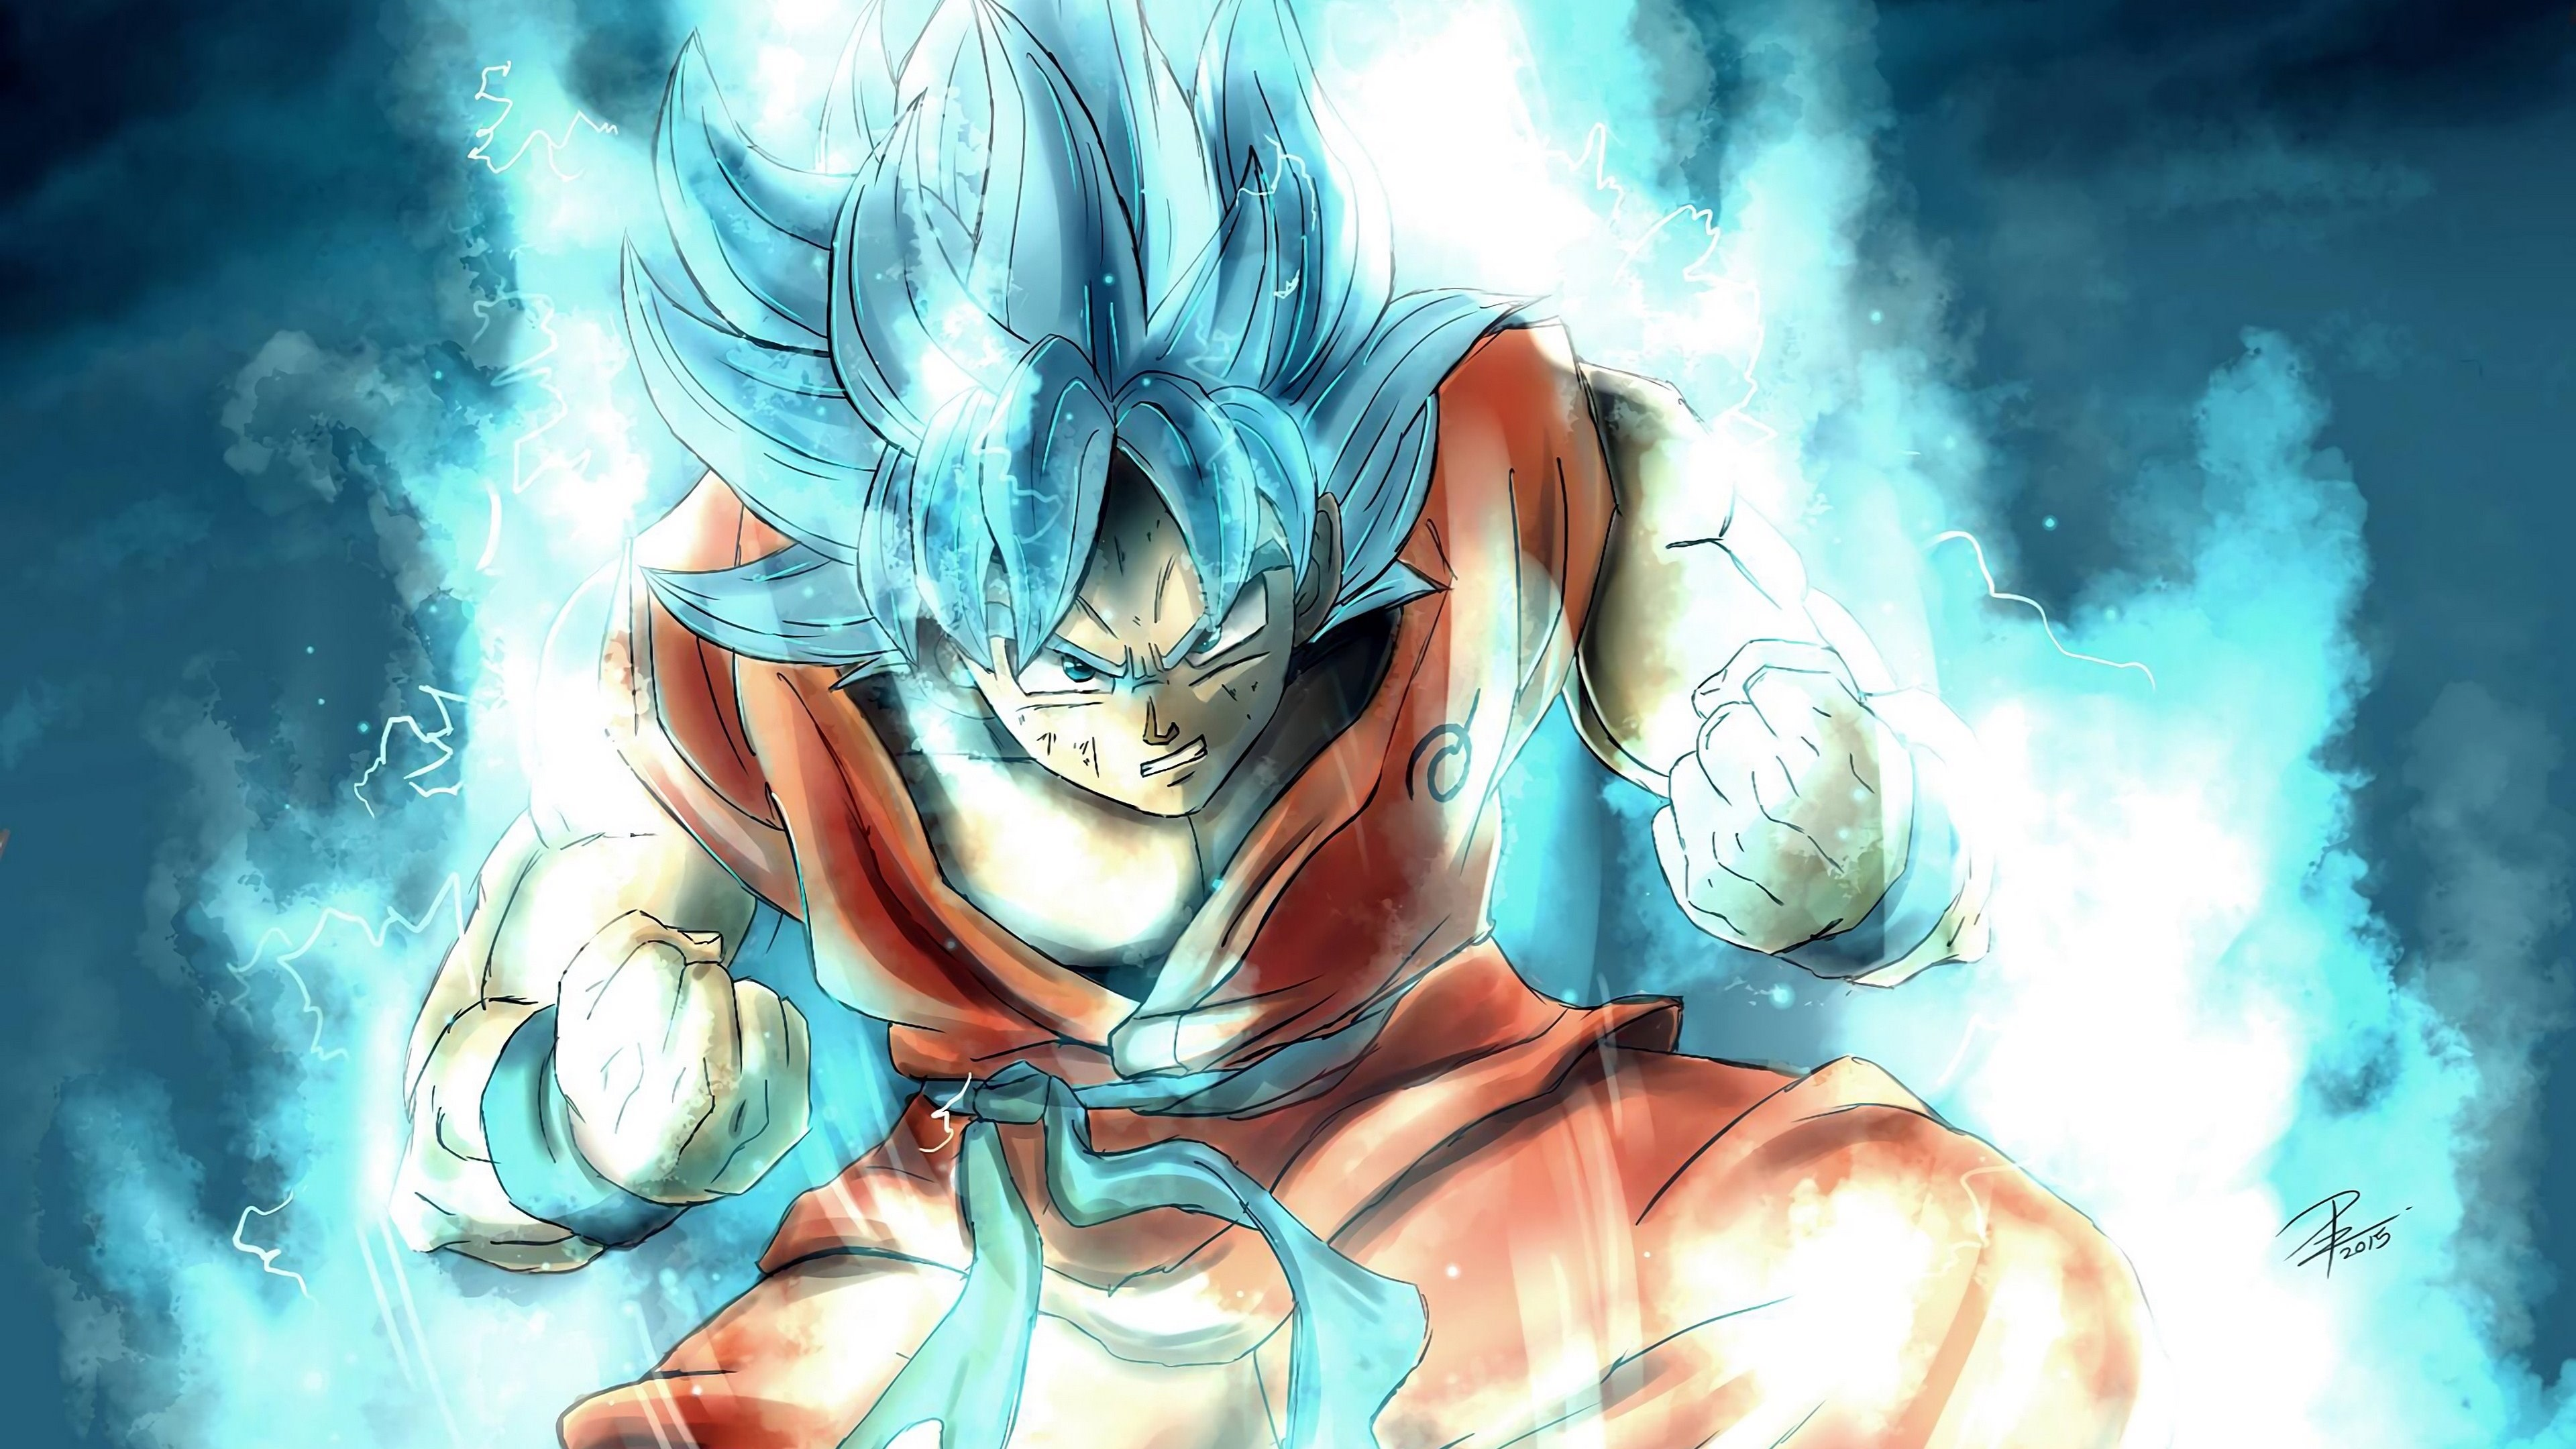 goku dragon ball super 4k 2018 1541973946 - Goku Dragon Ball Super 4k 2018 - hd-wallpapers, goku wallpapers, dragon ball wallpapers, dragon ball super wallpapers, anime wallpapers, 4k-wallpapers